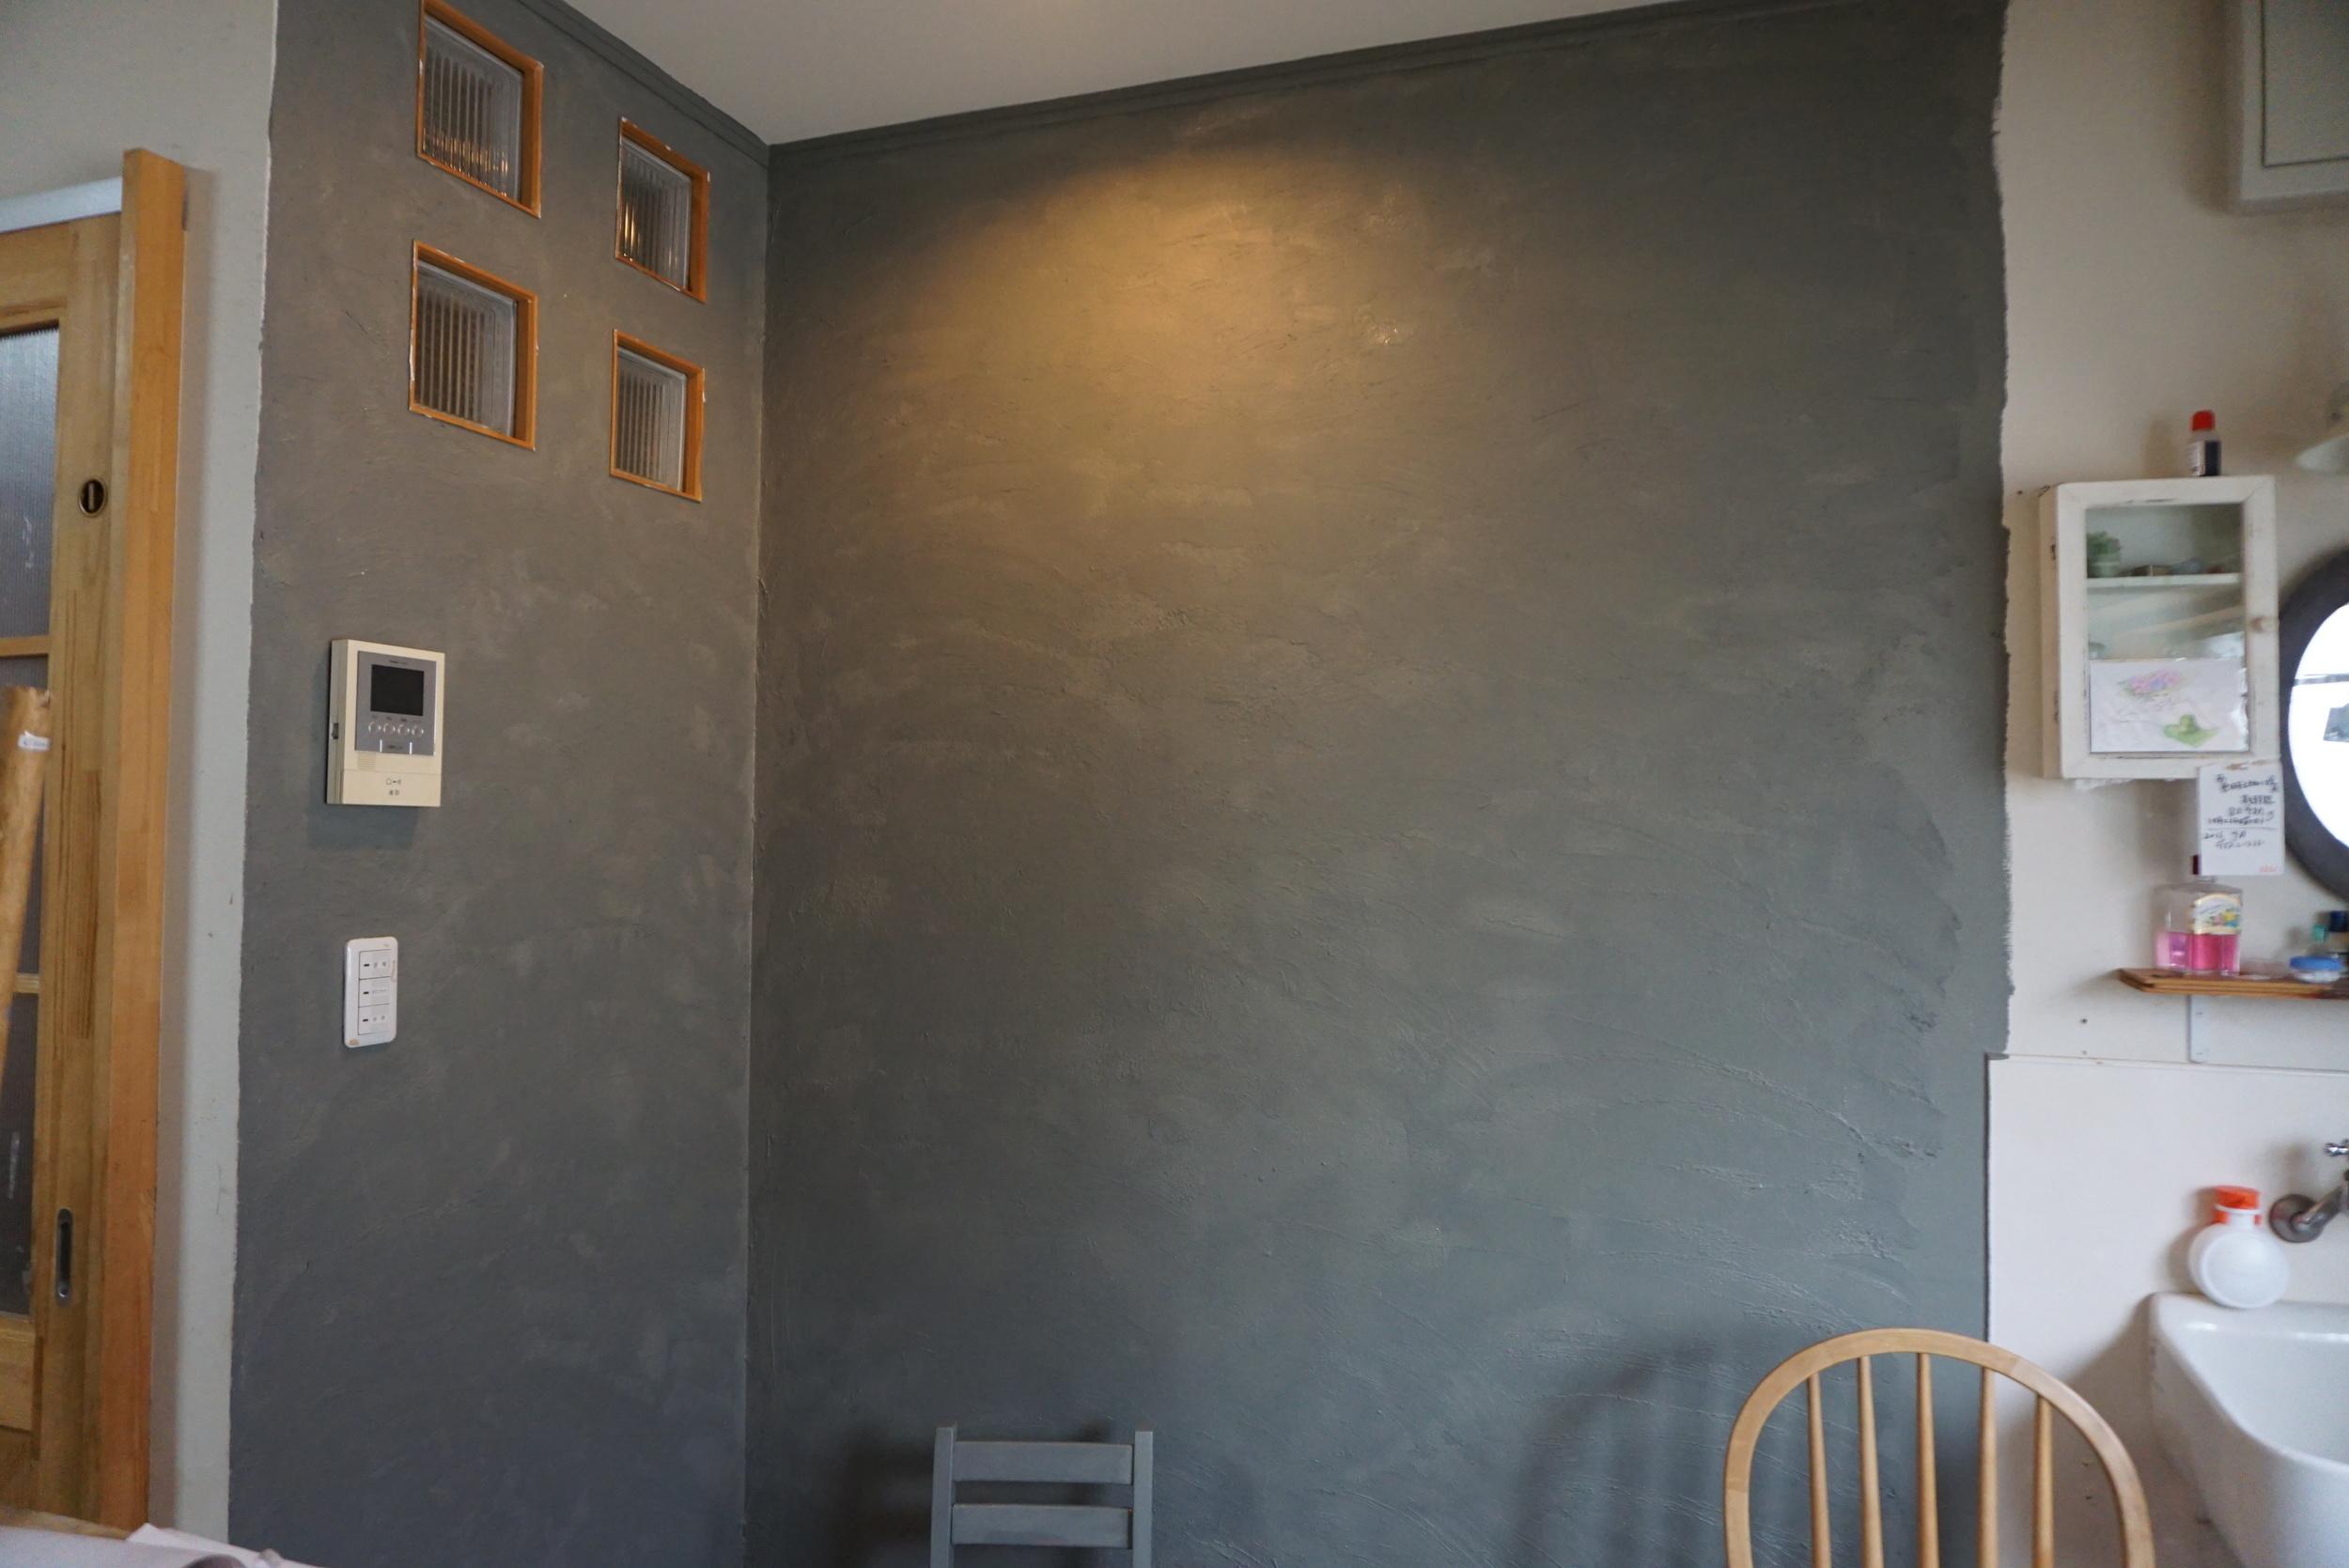 Diy部屋の壁をペンキで塗装します タカラ塗料 Staff Blog